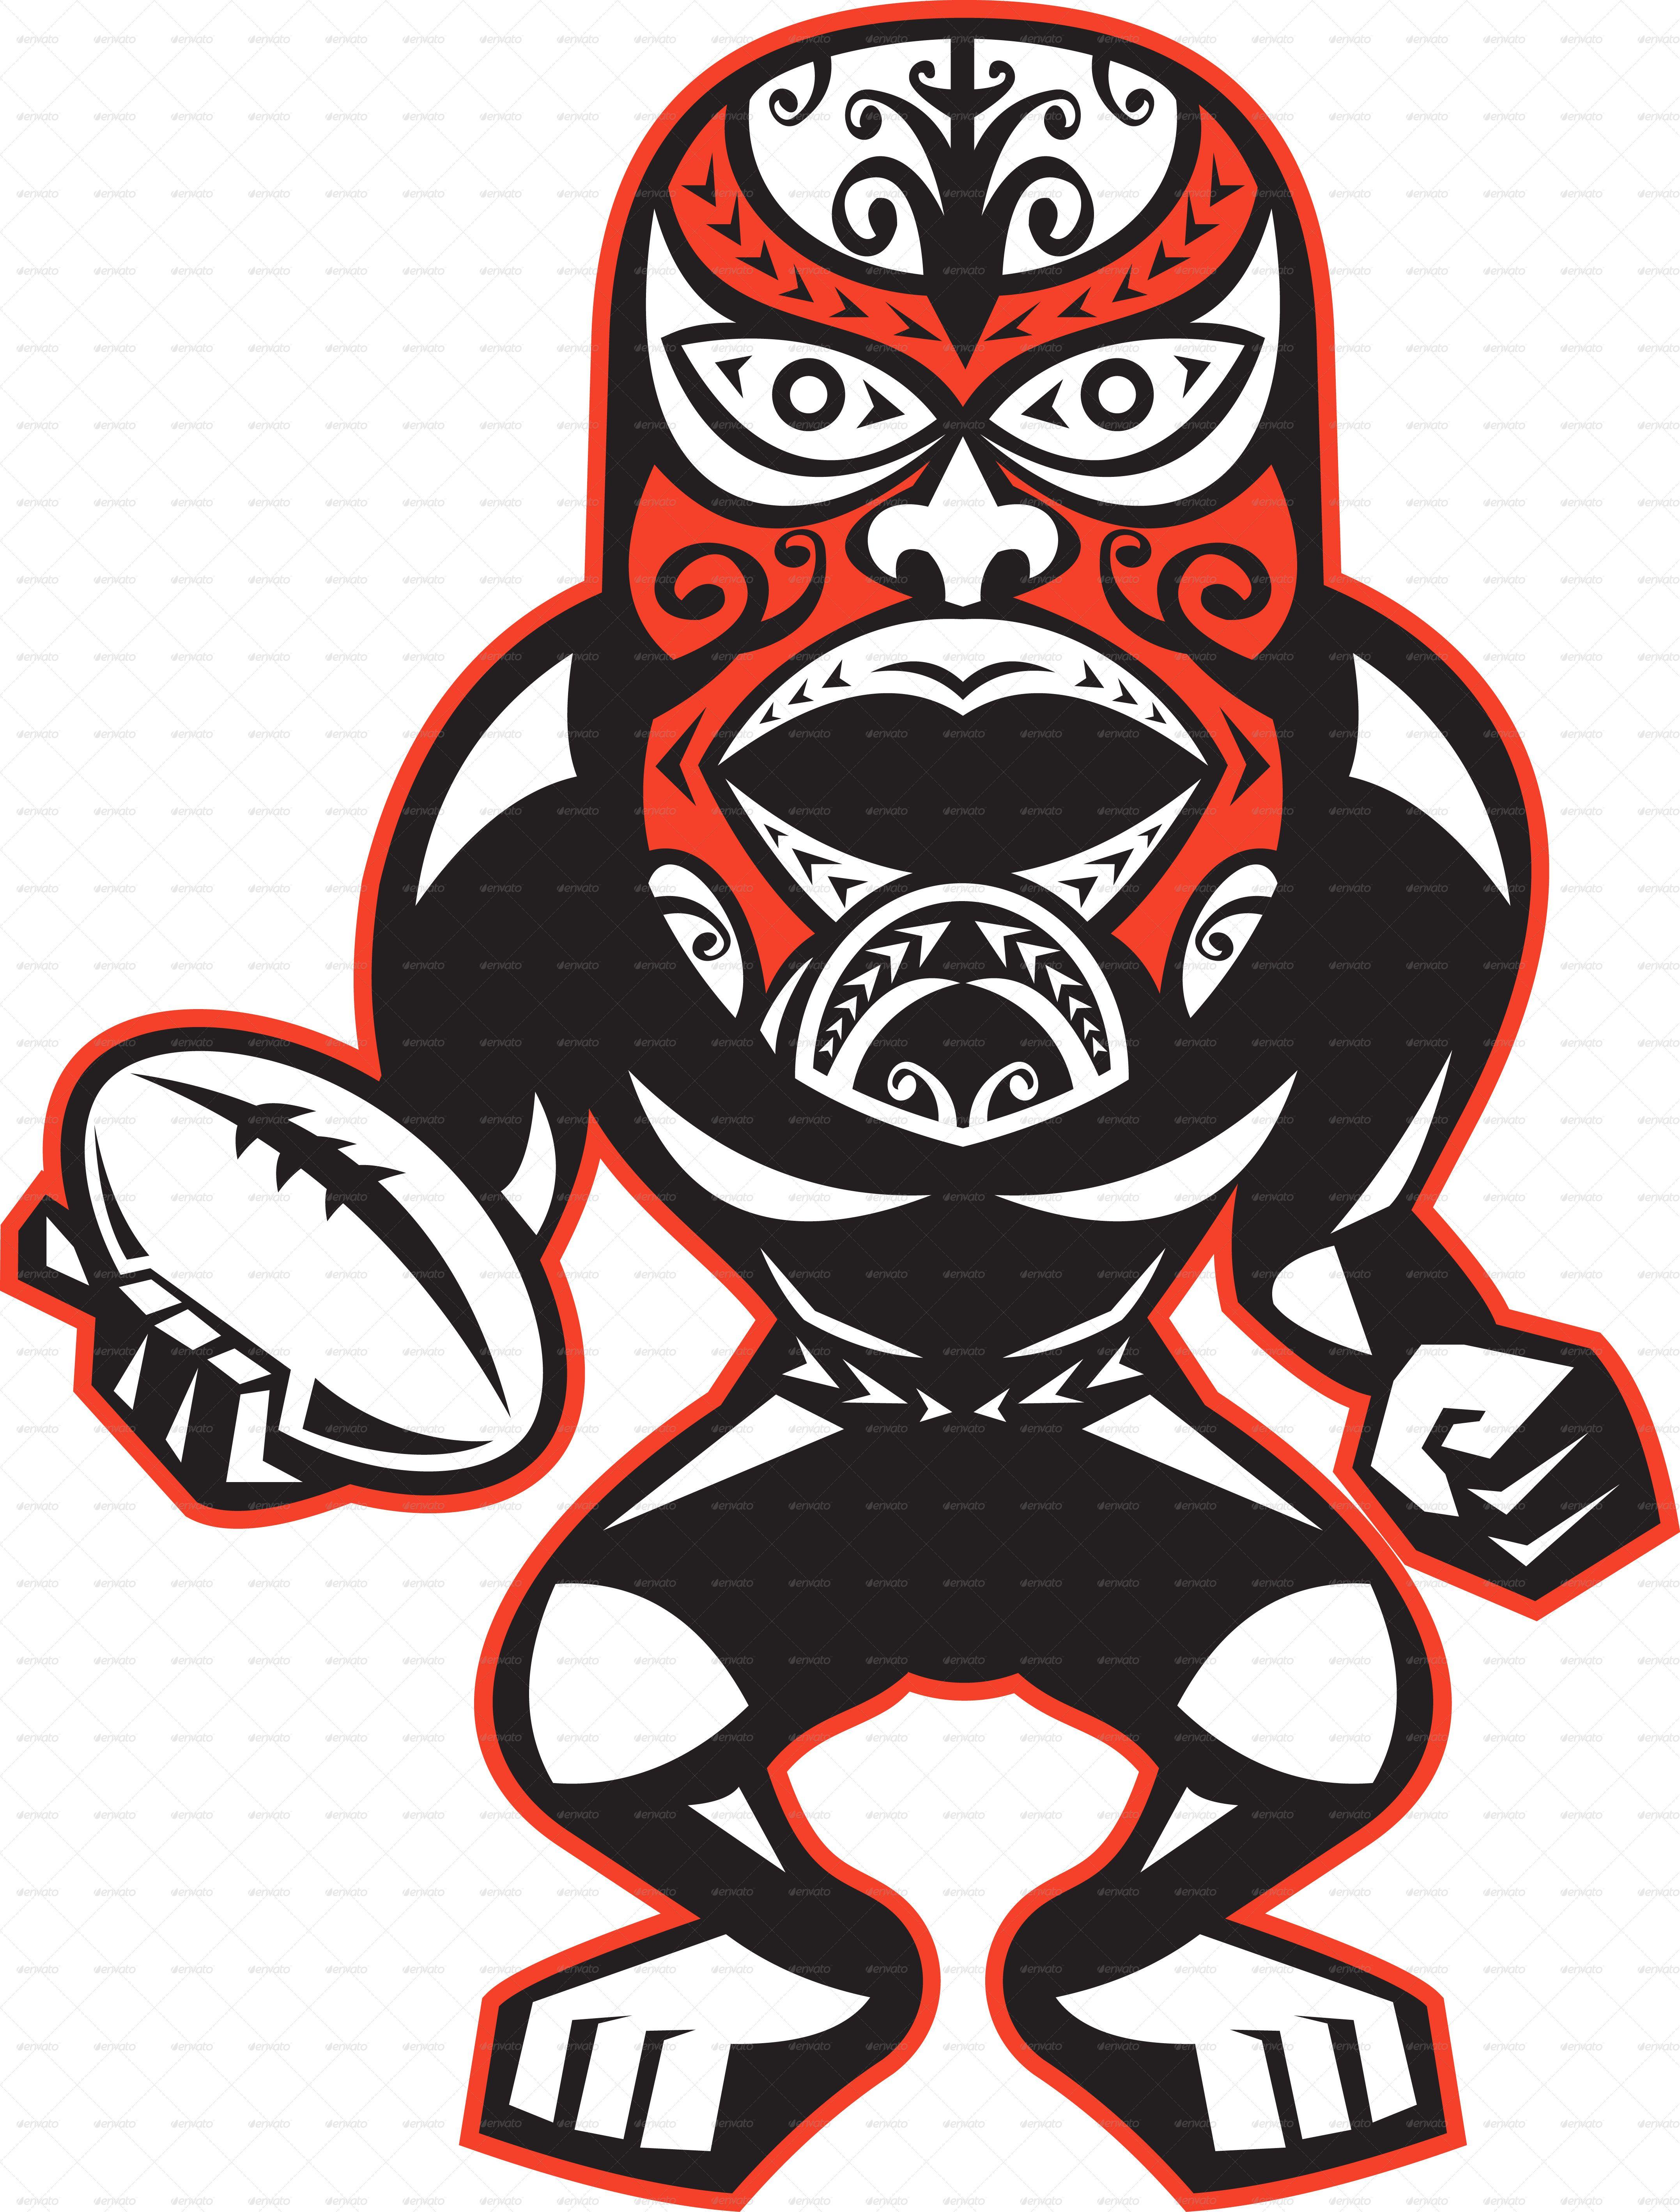 Frais dessin colorier joueur de rugby - Dessin de joueur de rugby ...